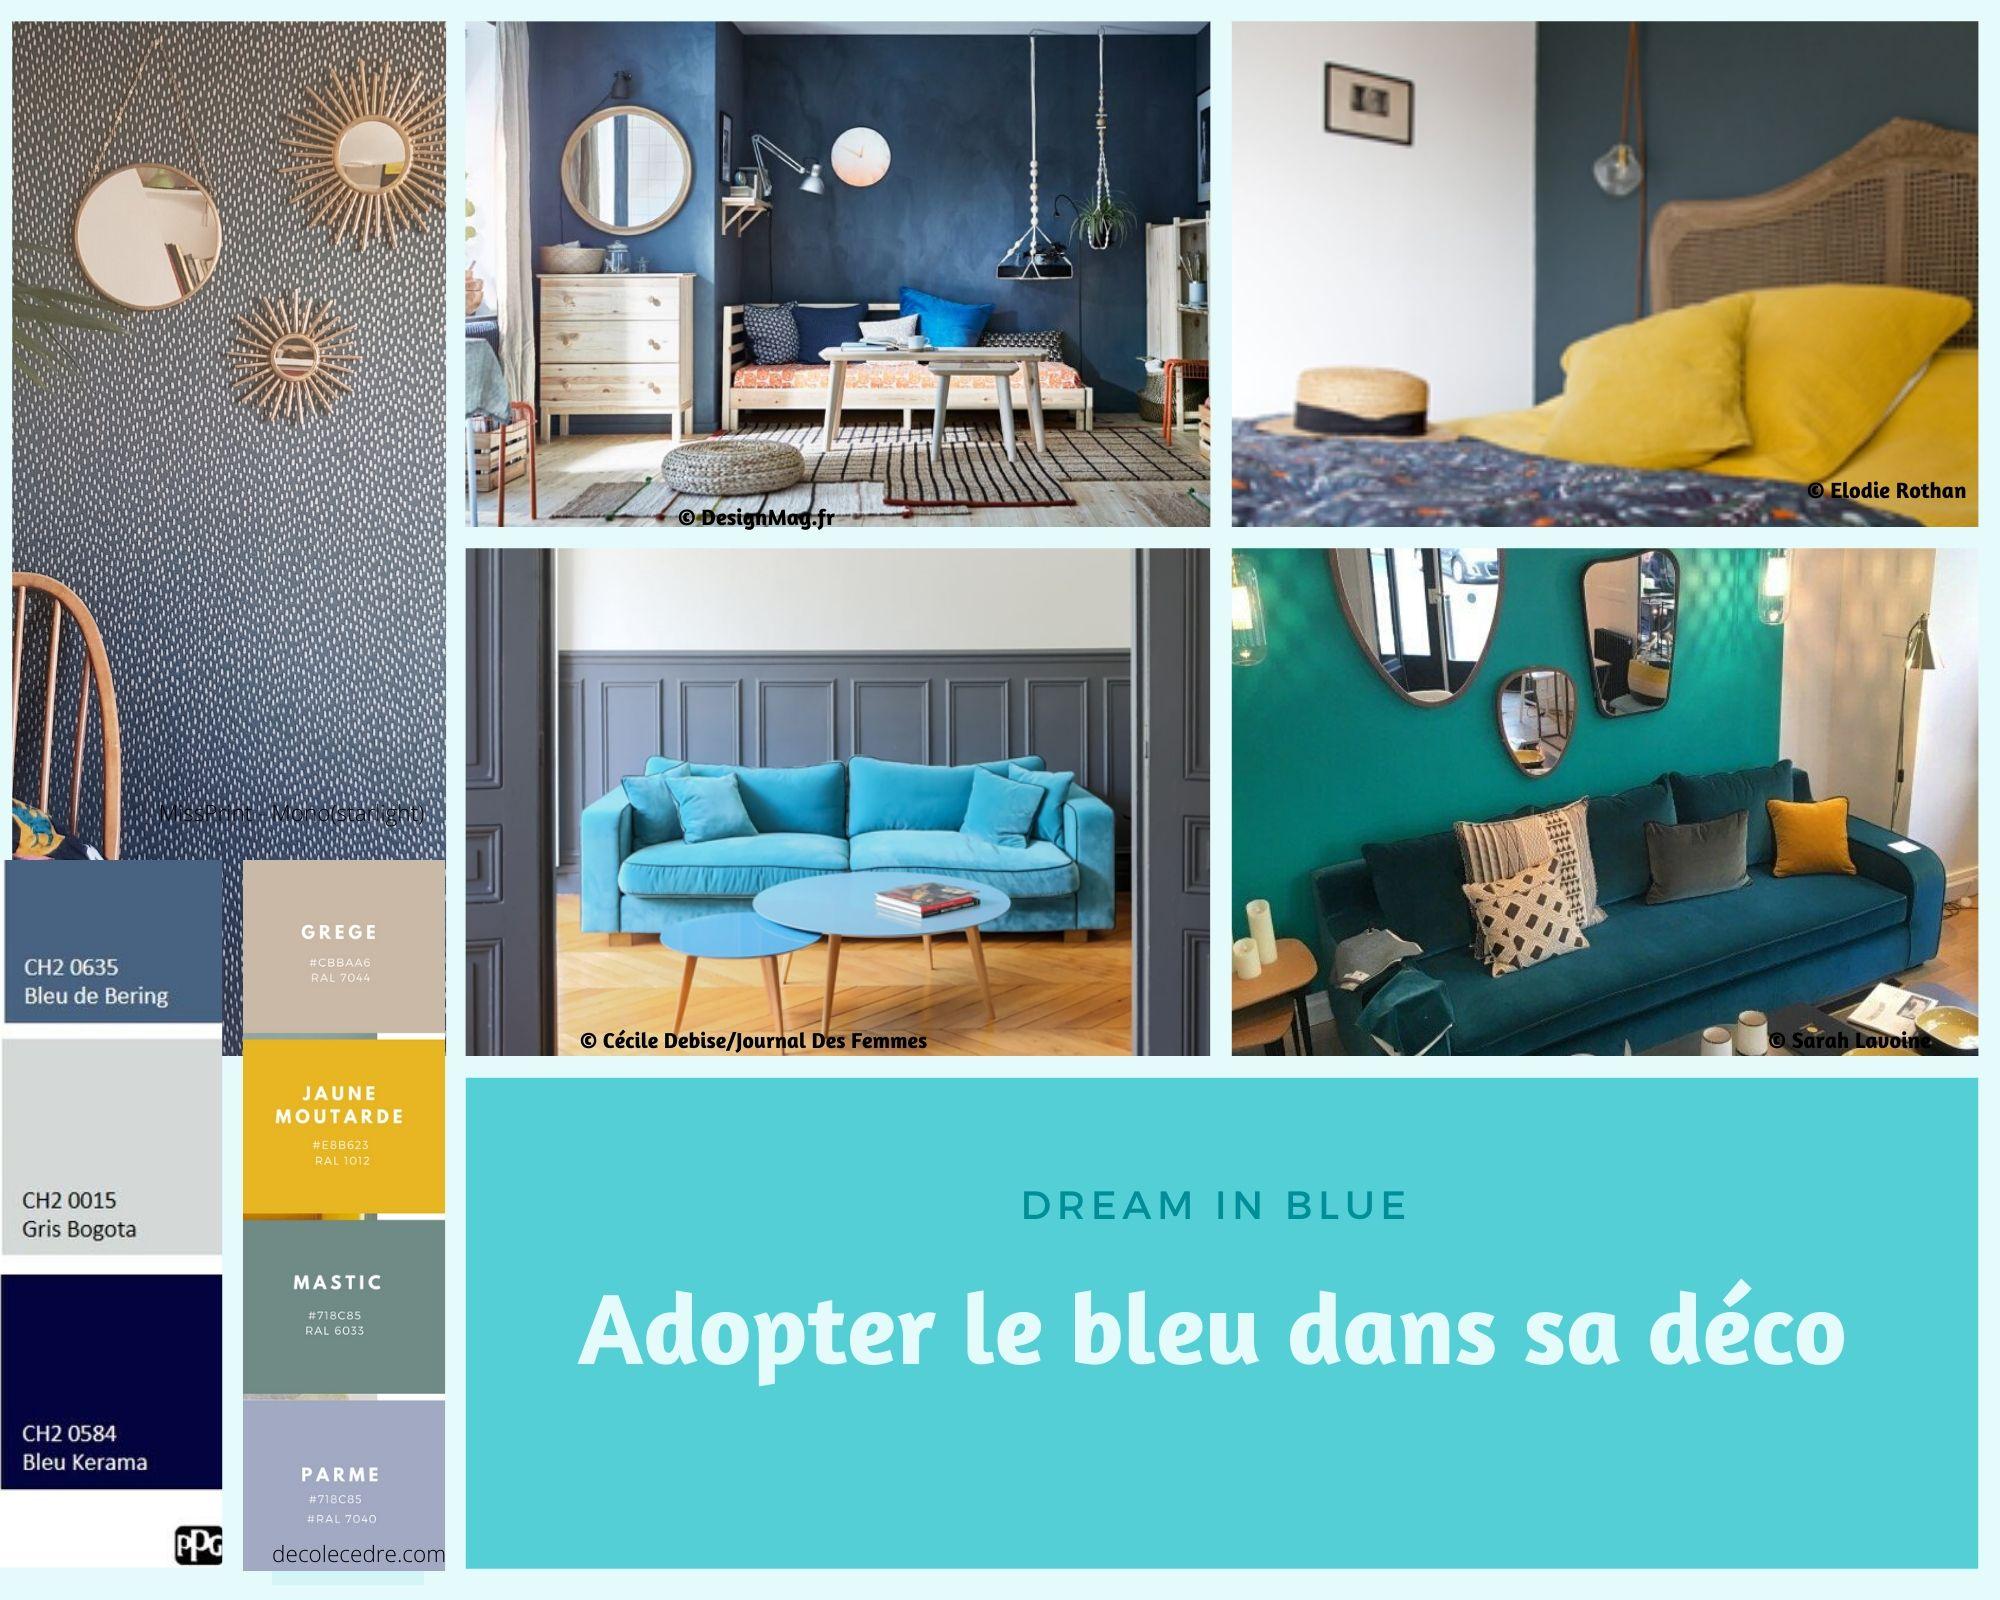 différents exemples pour adopter le bleu dans sa déco